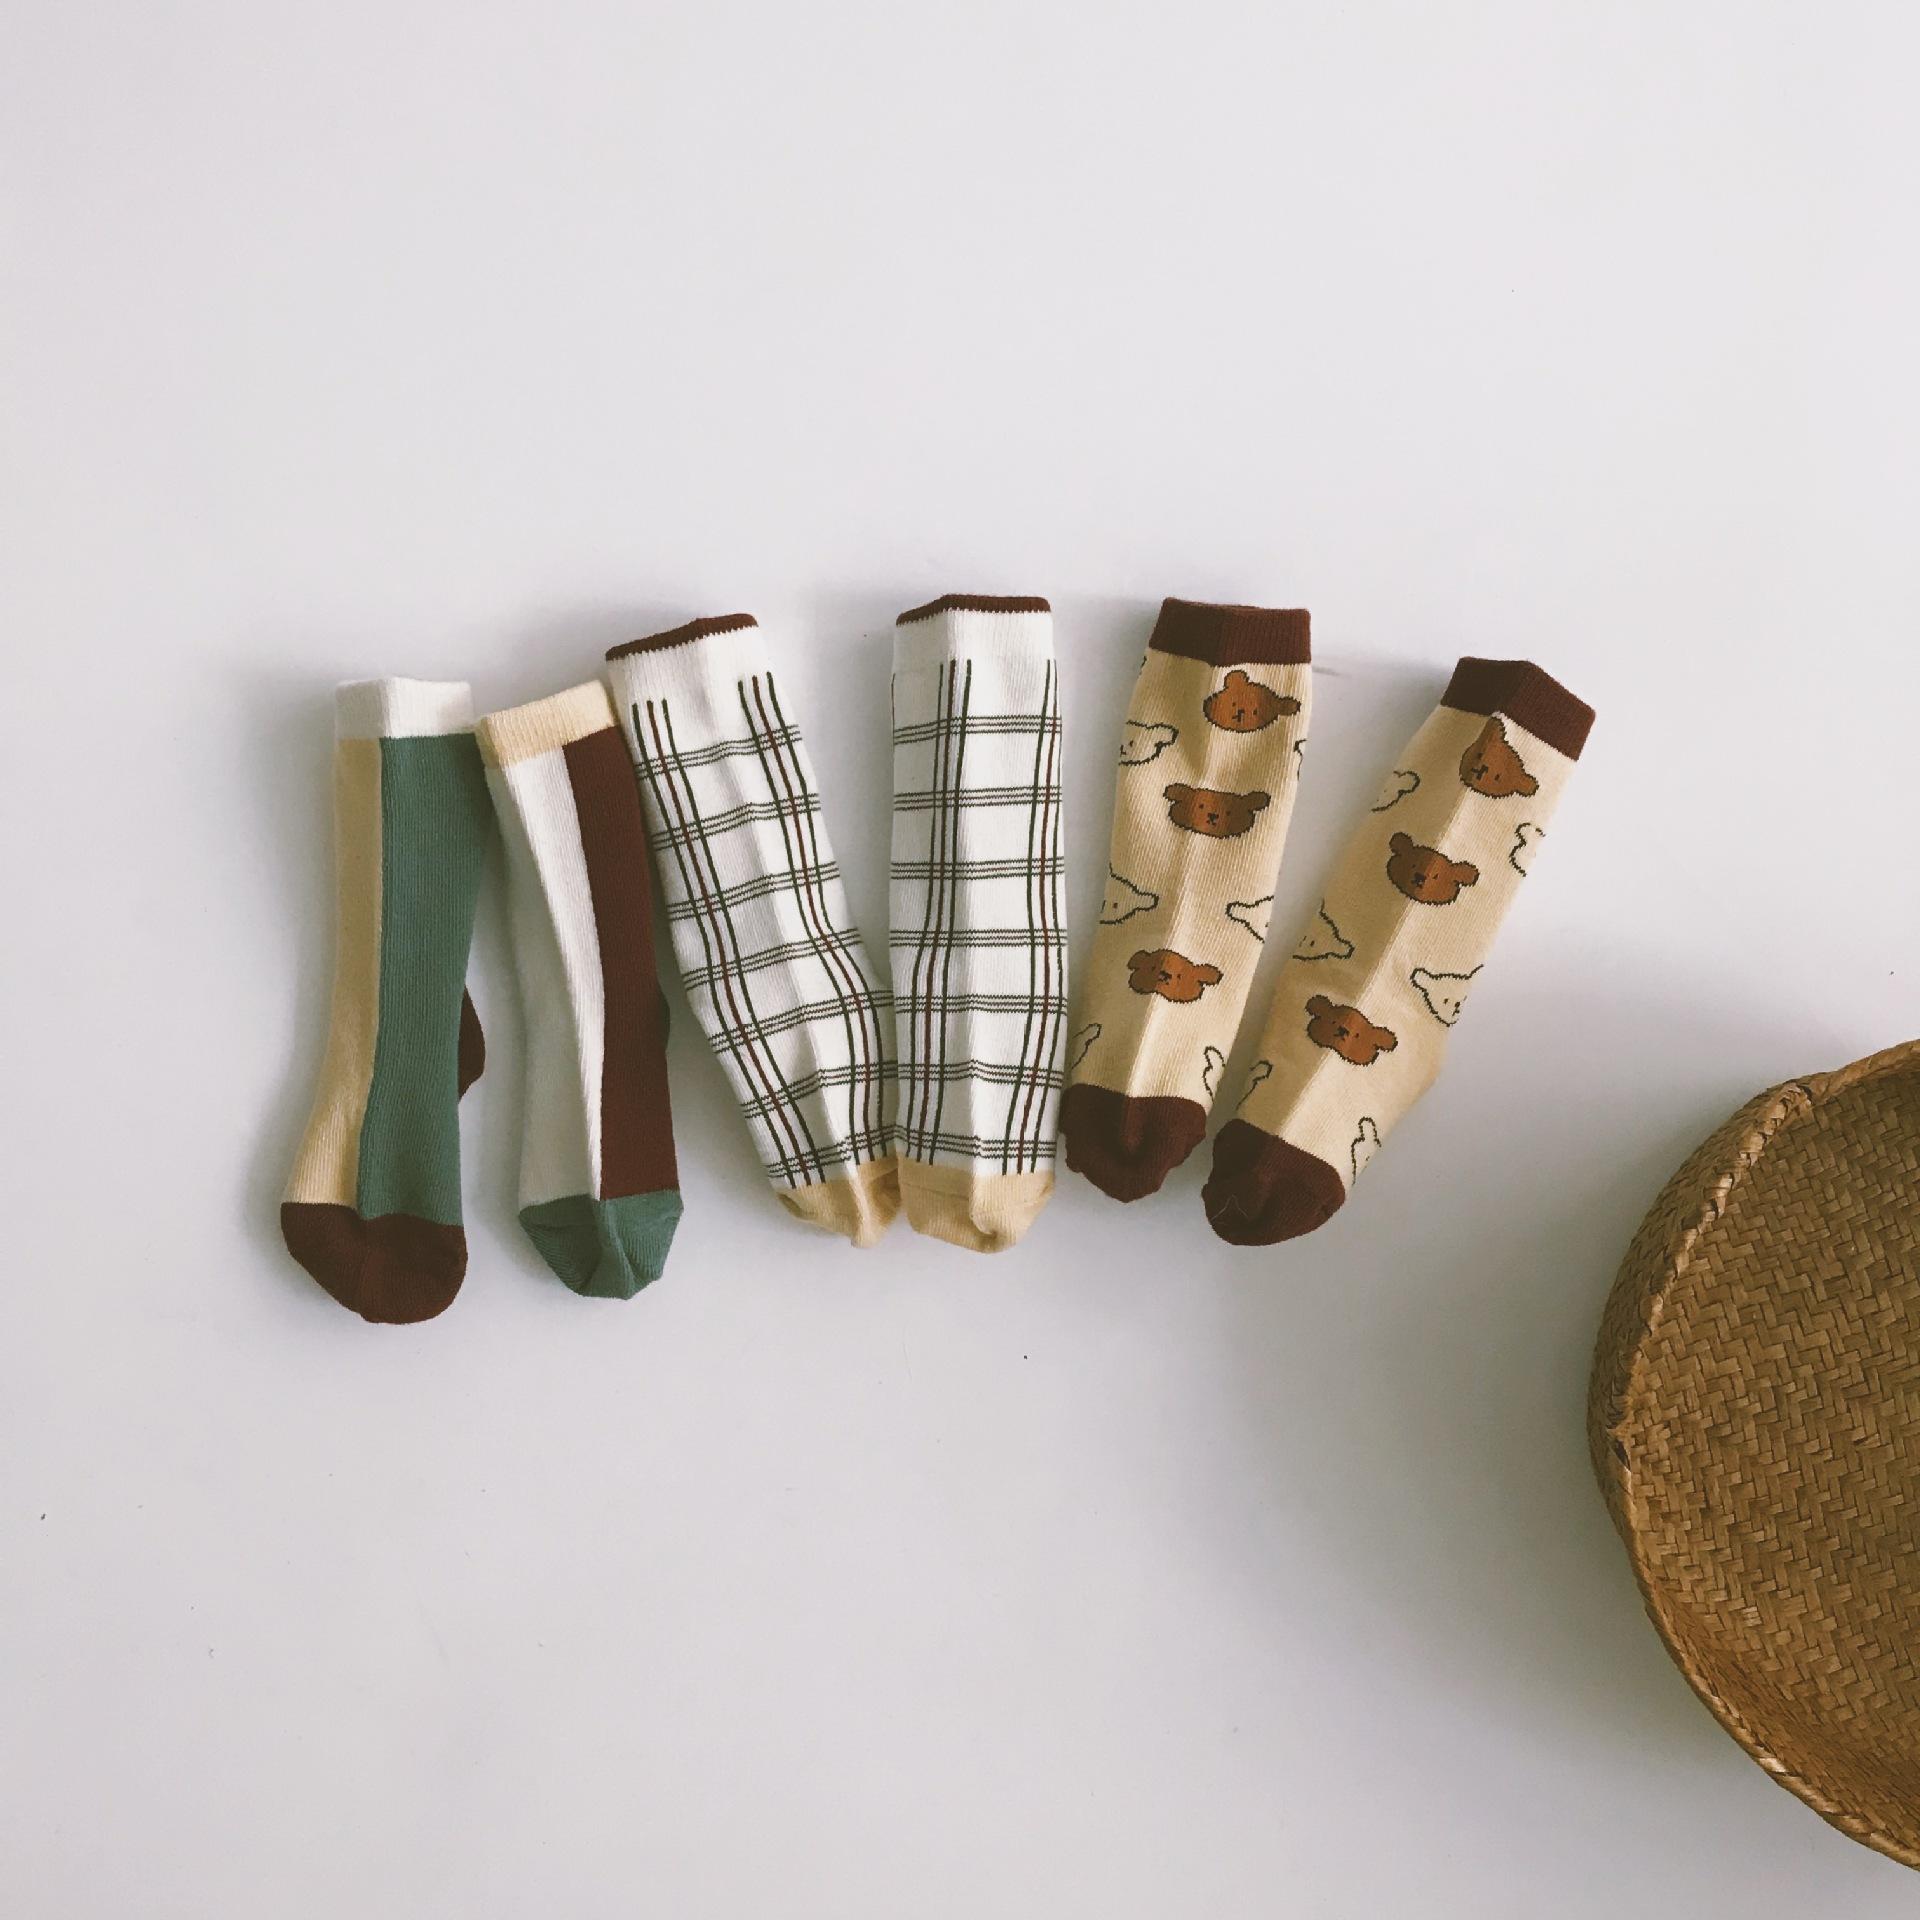 Children's socks, baby cotton socks, mid-tube socks, bear check pattern combination socks, mid-tube